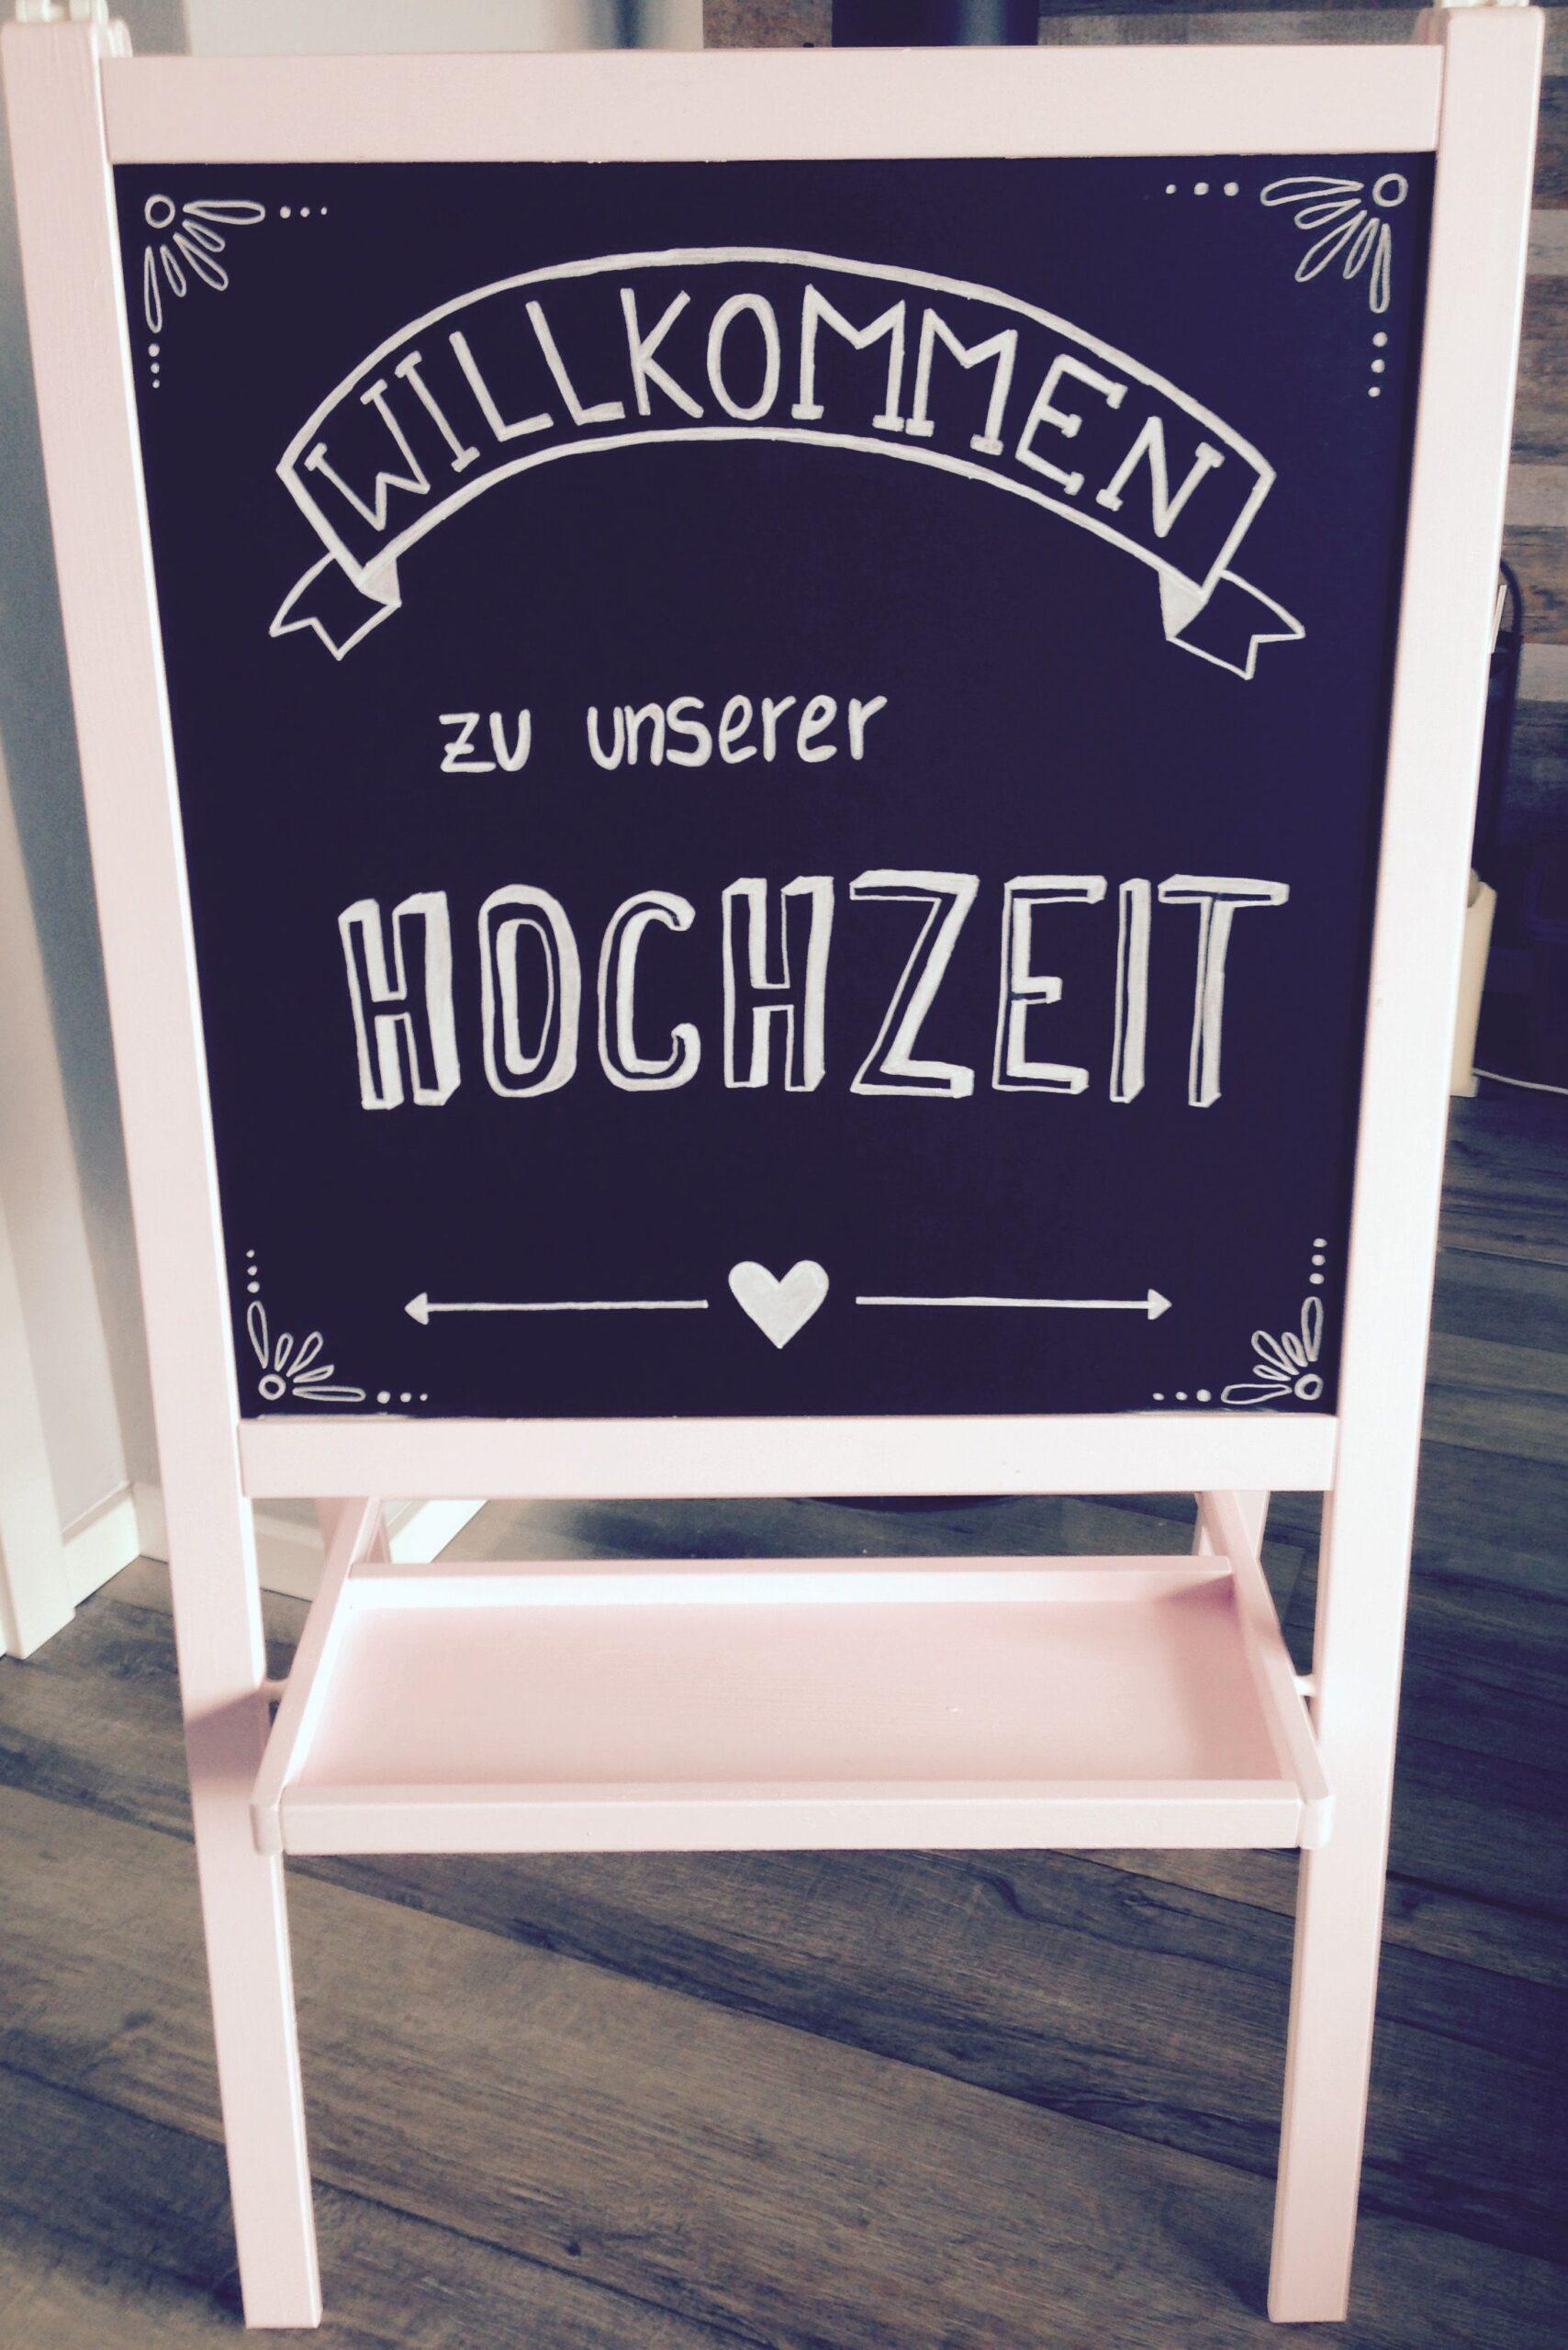 Full Size of Ikea Tafel Herzlich Willkommen Zu Unserer Hochzeit Diy Kreidetafel Küche Sofa Mit Schlaffunktion Kaufen Modulküche Miniküche Betten Bei 160x200 Kosten Wohnzimmer Kreidetafel Ikea